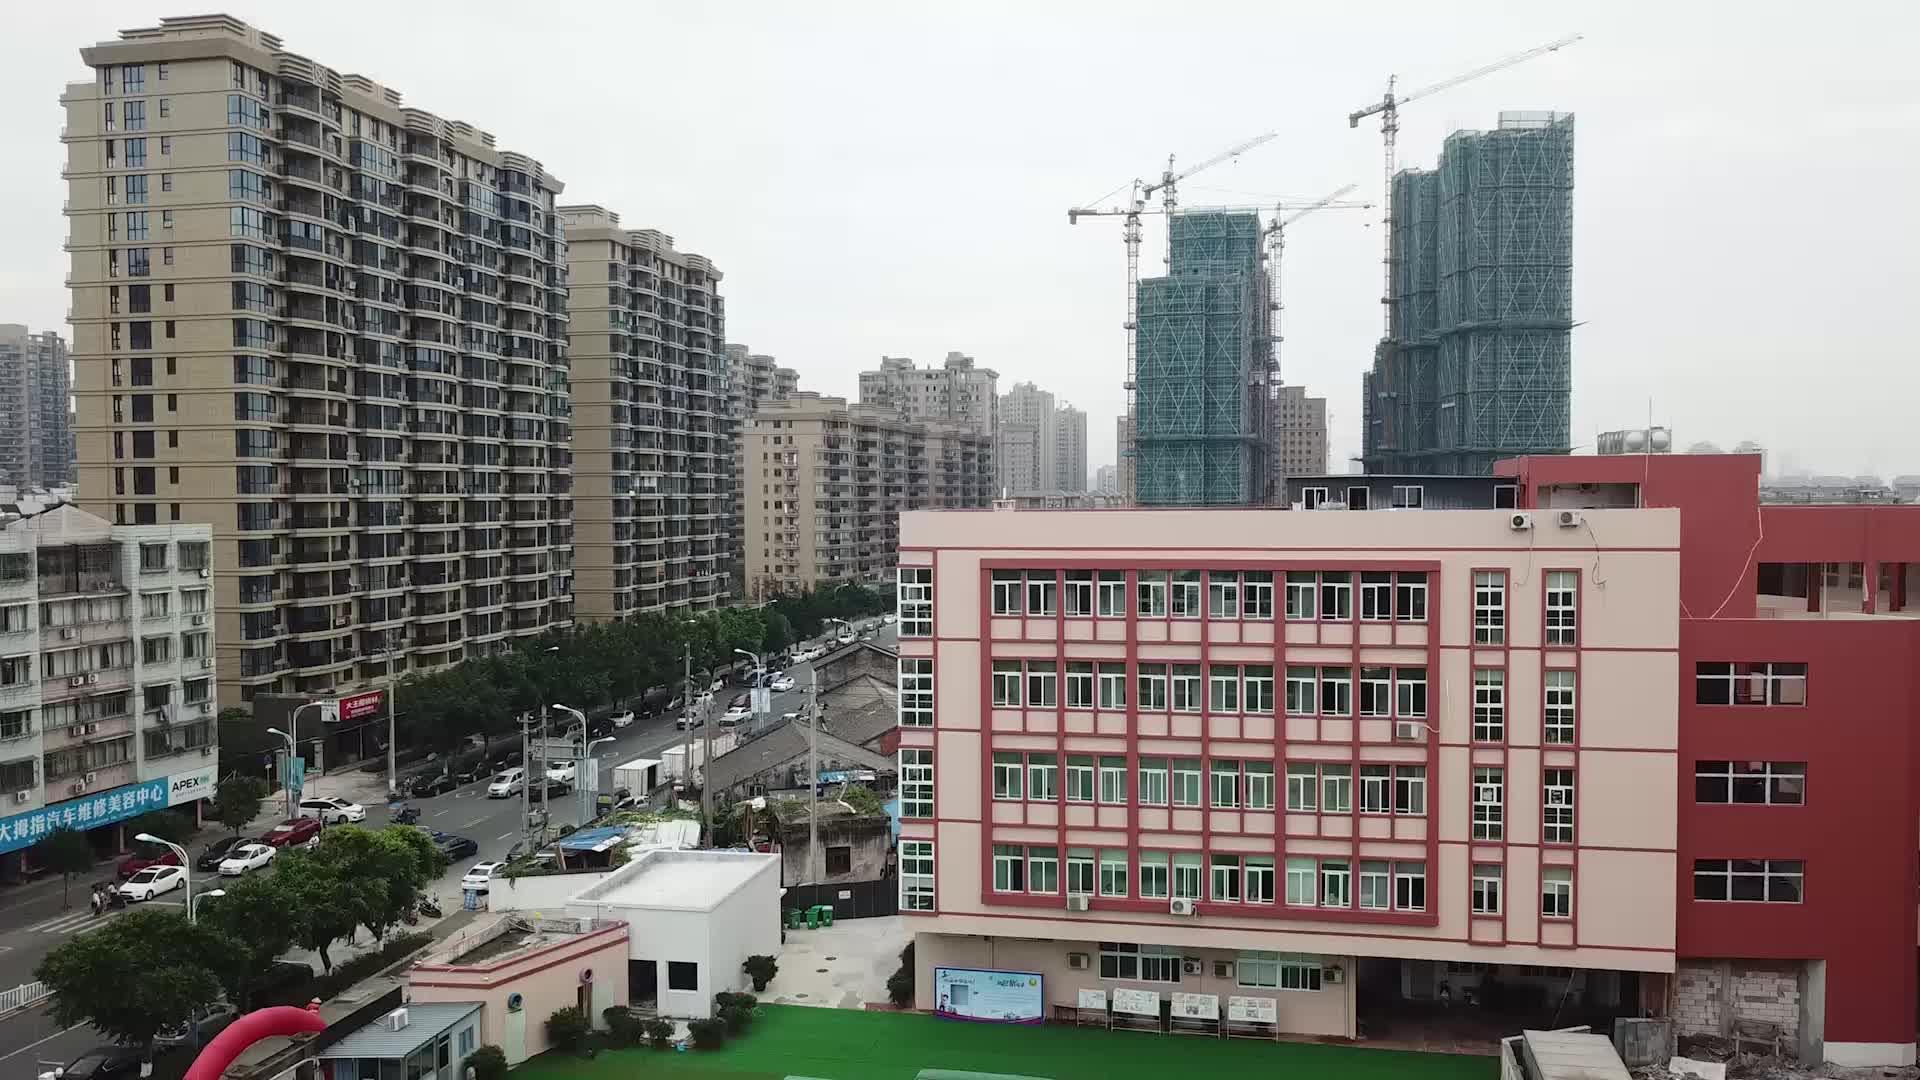 浙江北麂岛最后一名小学生转学到市区 不再孤独学习